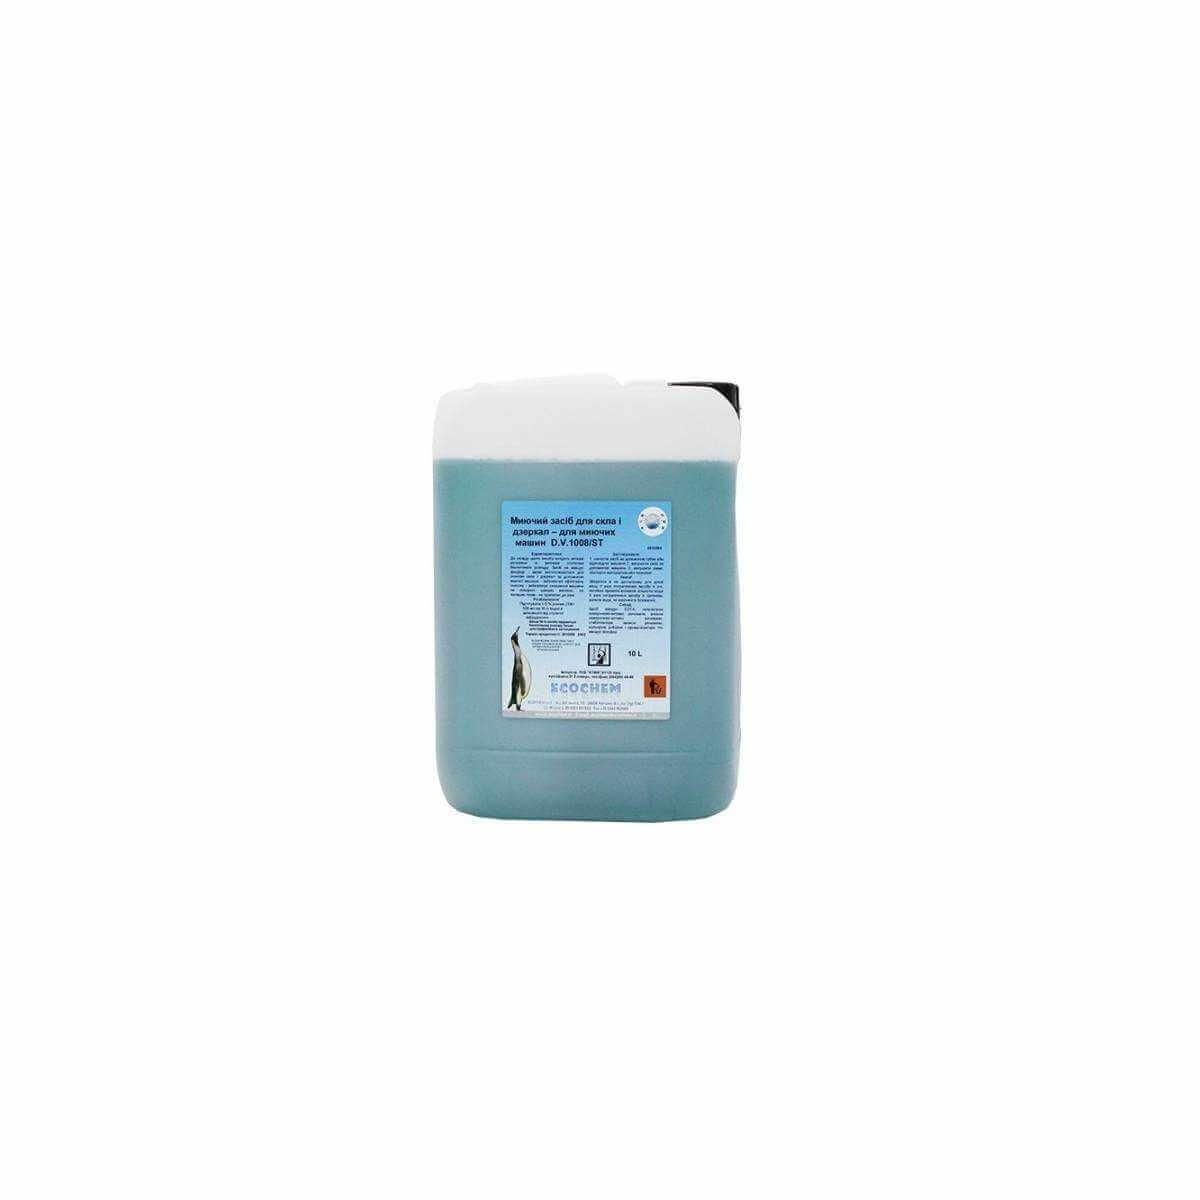 Средство для мытья стеклянных поверхностей 10 л 061008AL0101998 ECOCHEM